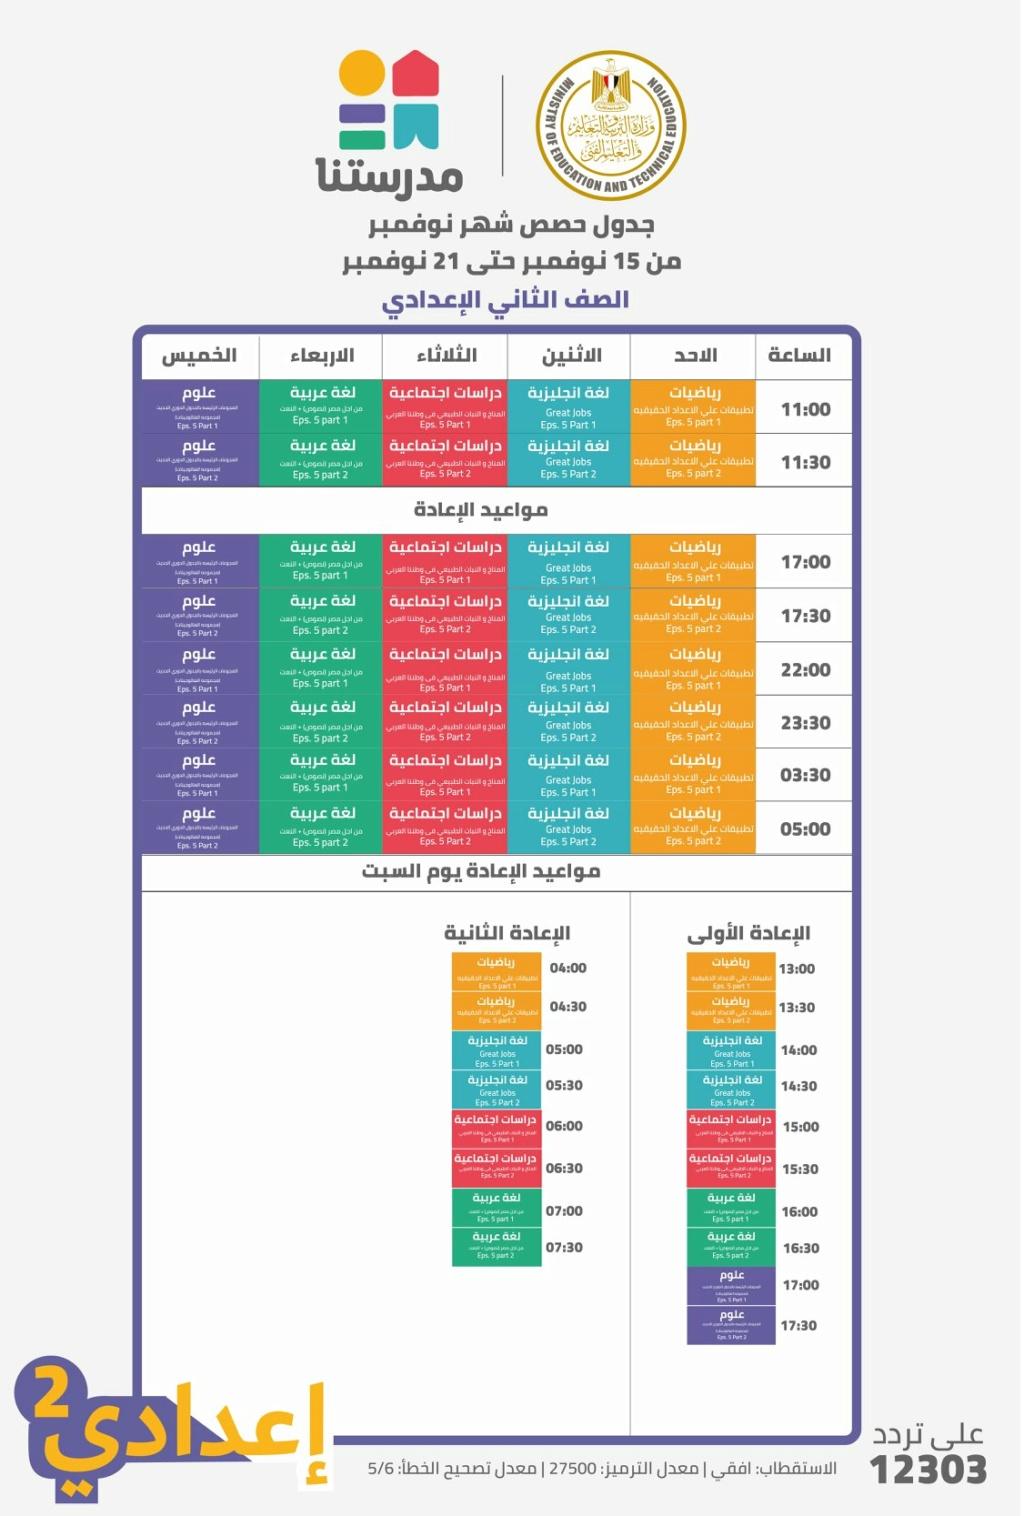 قناة مدرستنا l جدول حصص الأسبوع الخامس من الأحد 15 نوفمبر حتى السبت 21 نوفمبر 6857